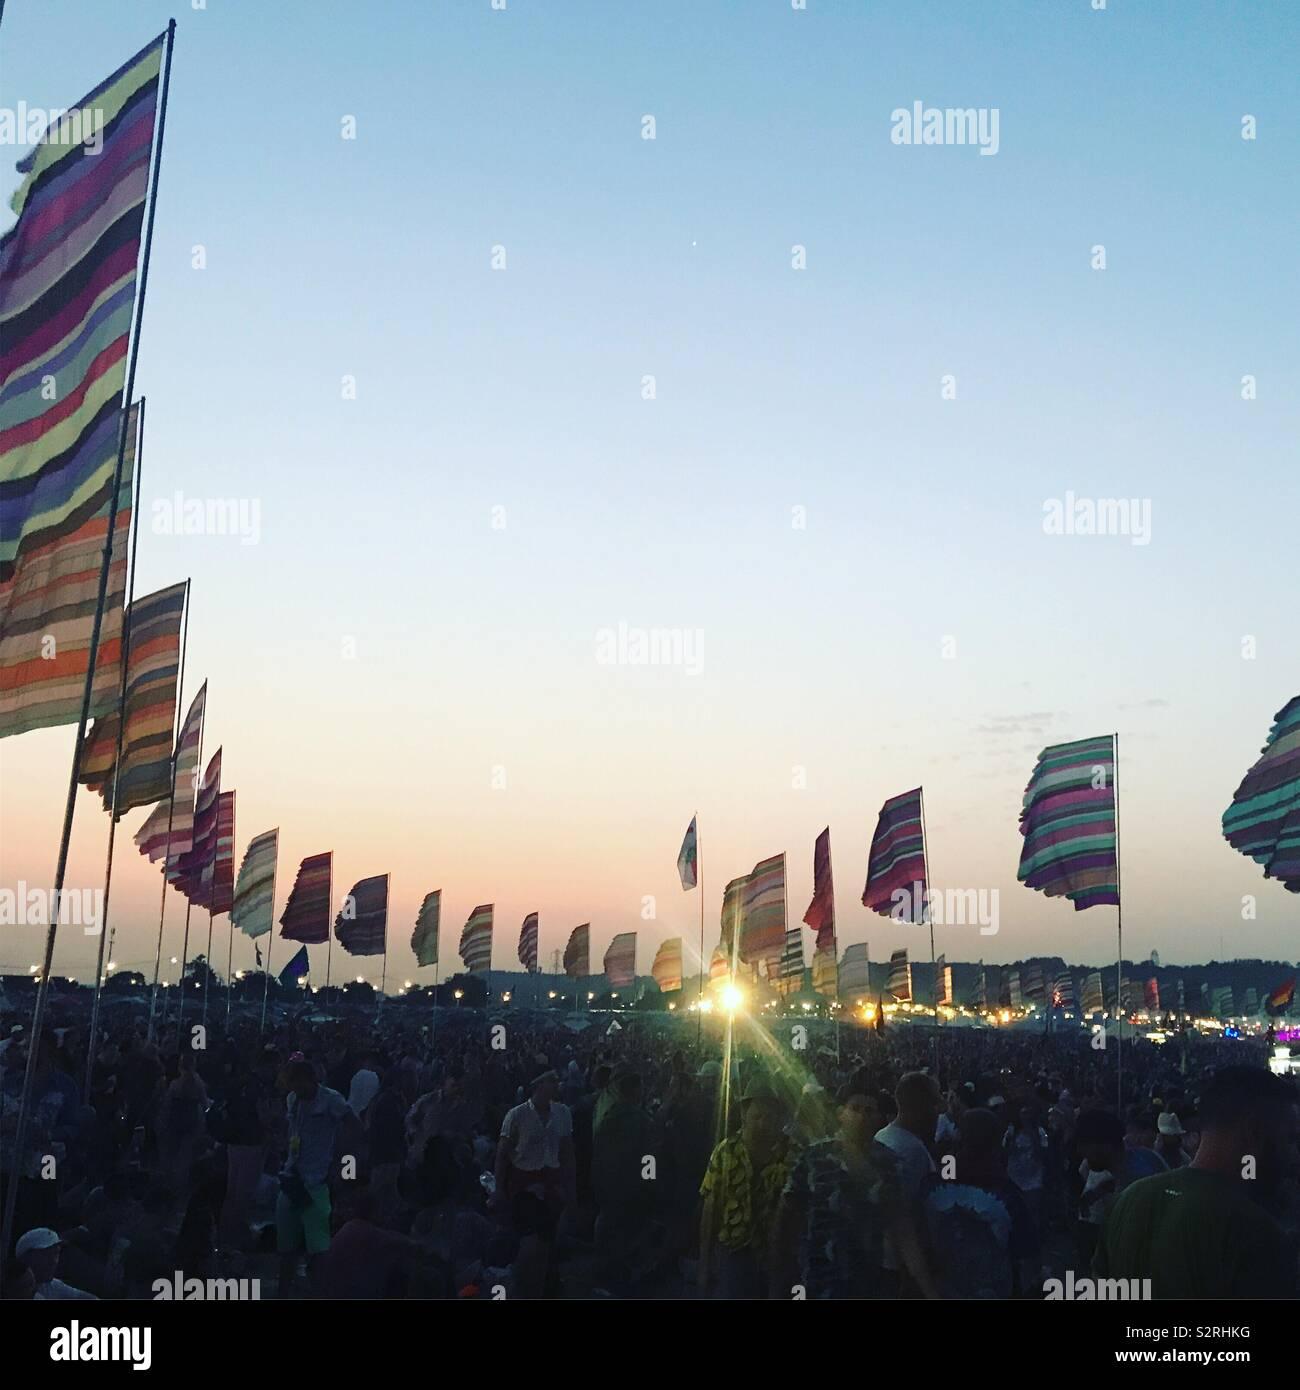 Puesta de sol en el otro escenario, el festival de Glastonbury 2019 Foto de stock